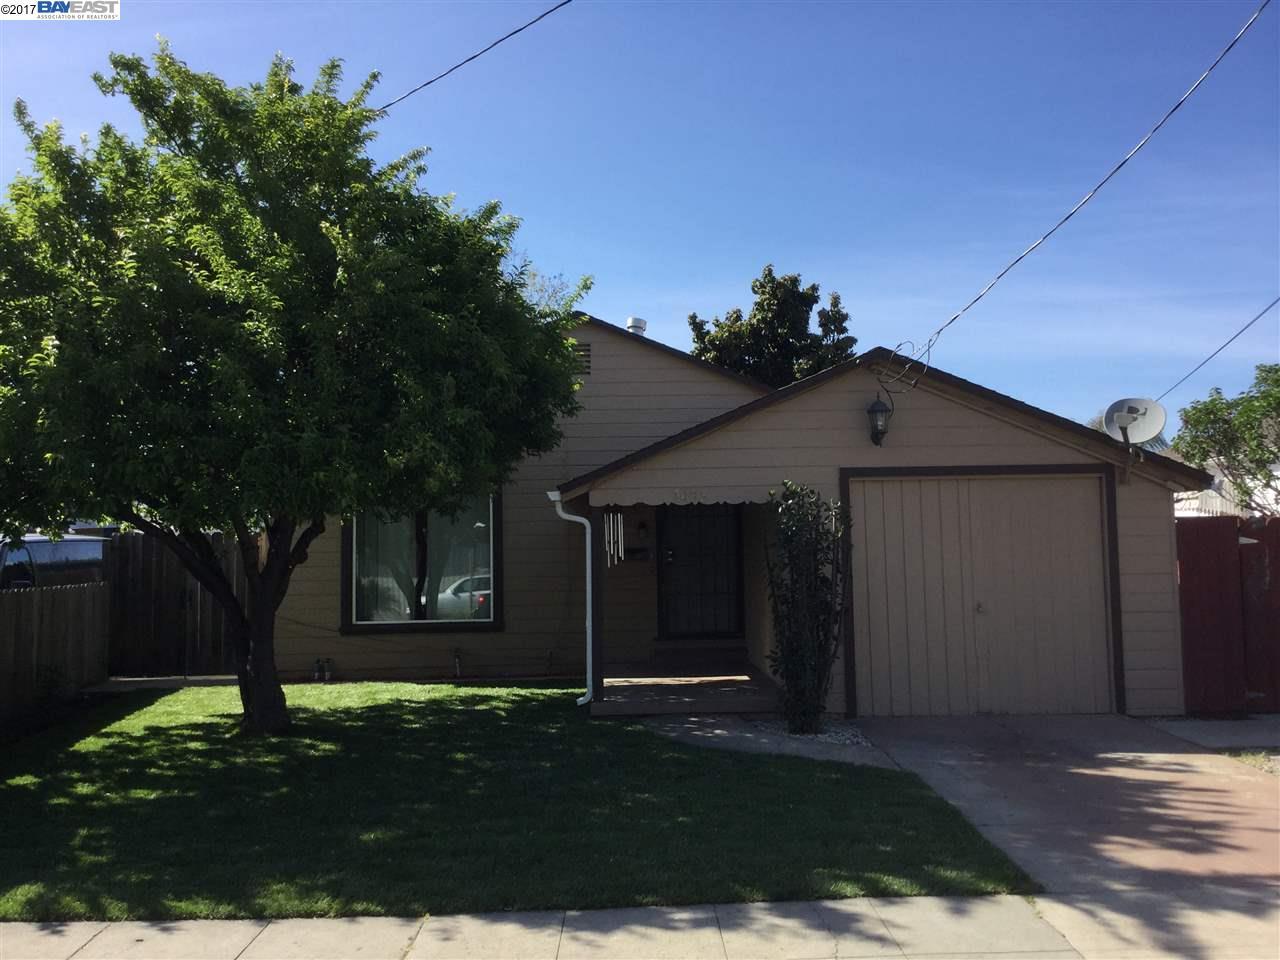 一戸建て のために 売買 アット 1435 172Nd Avenue Hayward, カリフォルニア 94541 アメリカ合衆国